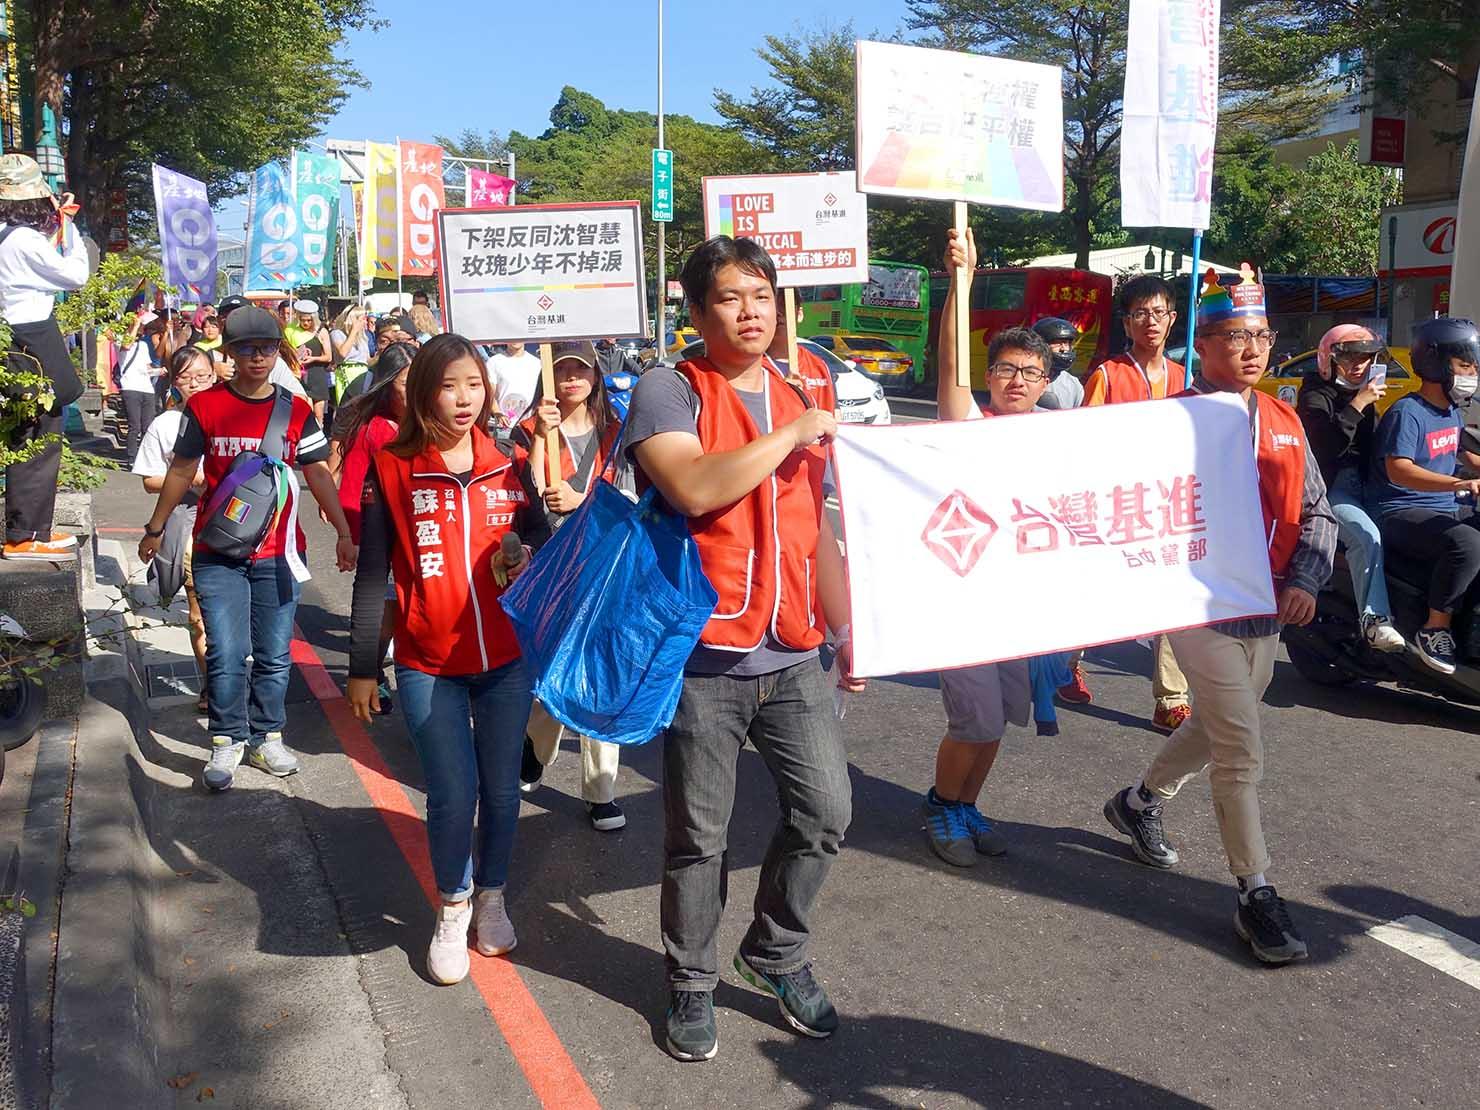 台中同志遊行(台中LGBTプライド)2019のパレードを歩く政党グループ